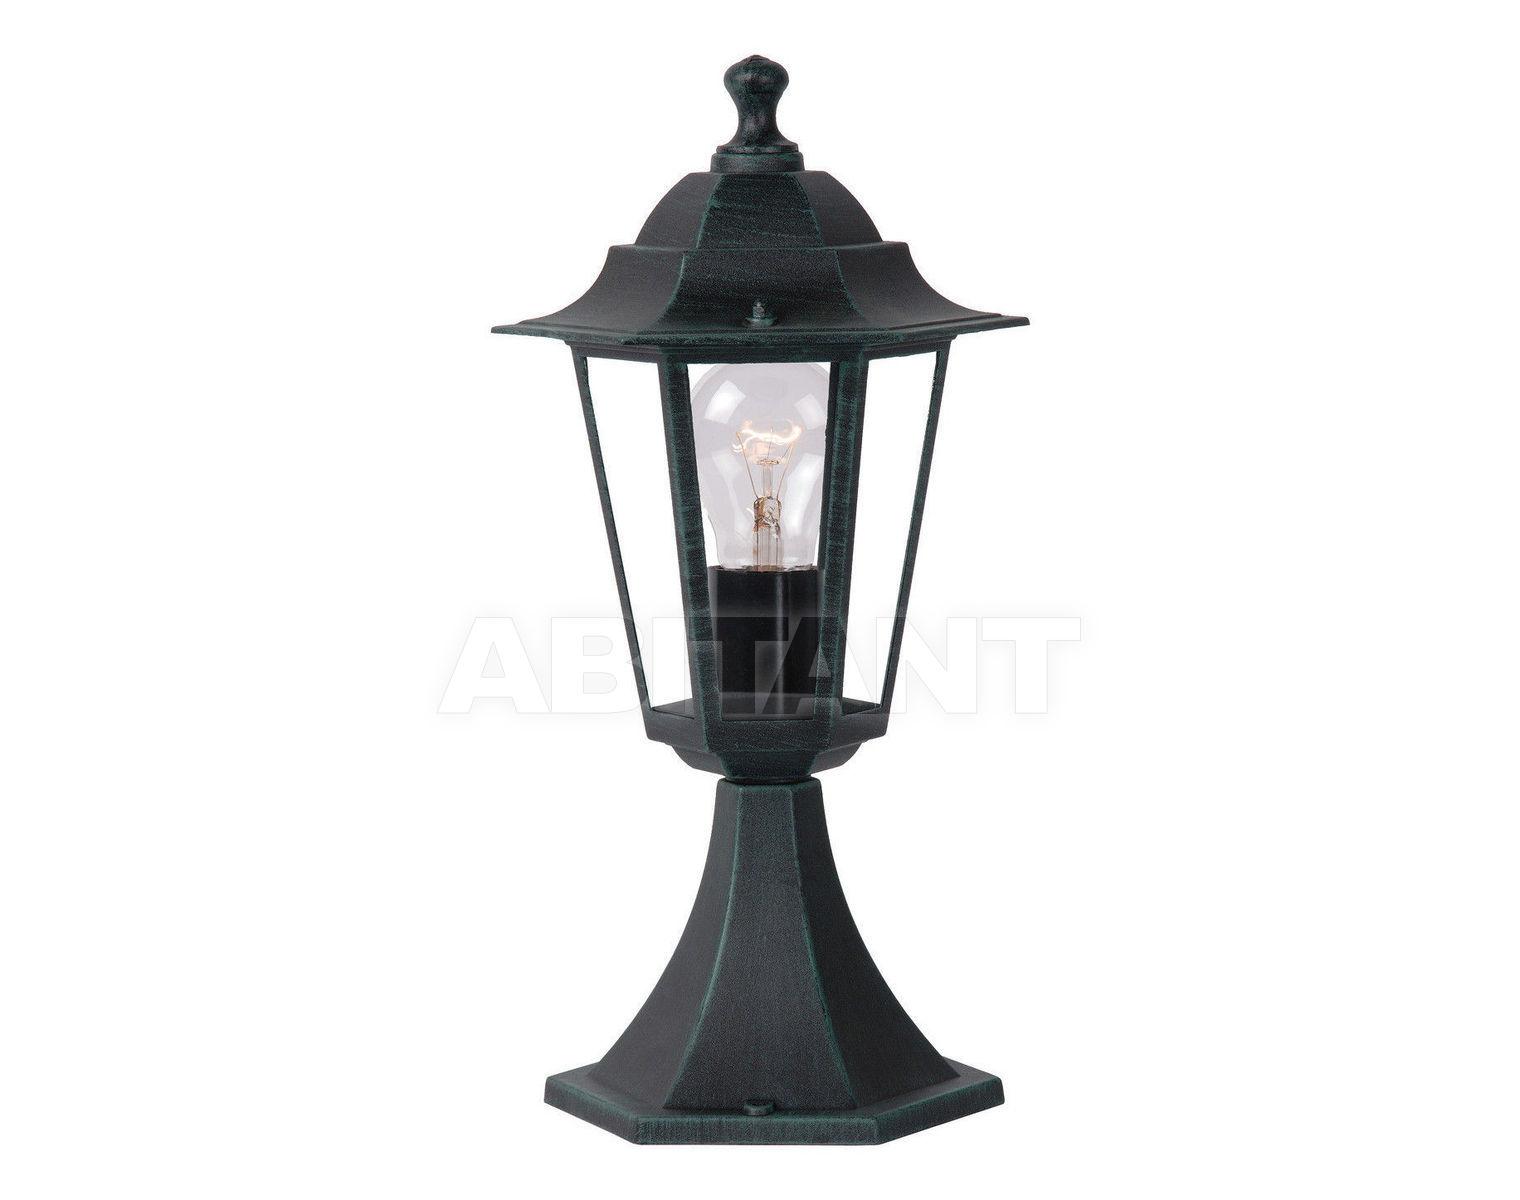 Купить Садовый светильник Lucide  Outdoor 2013 27807/01/45